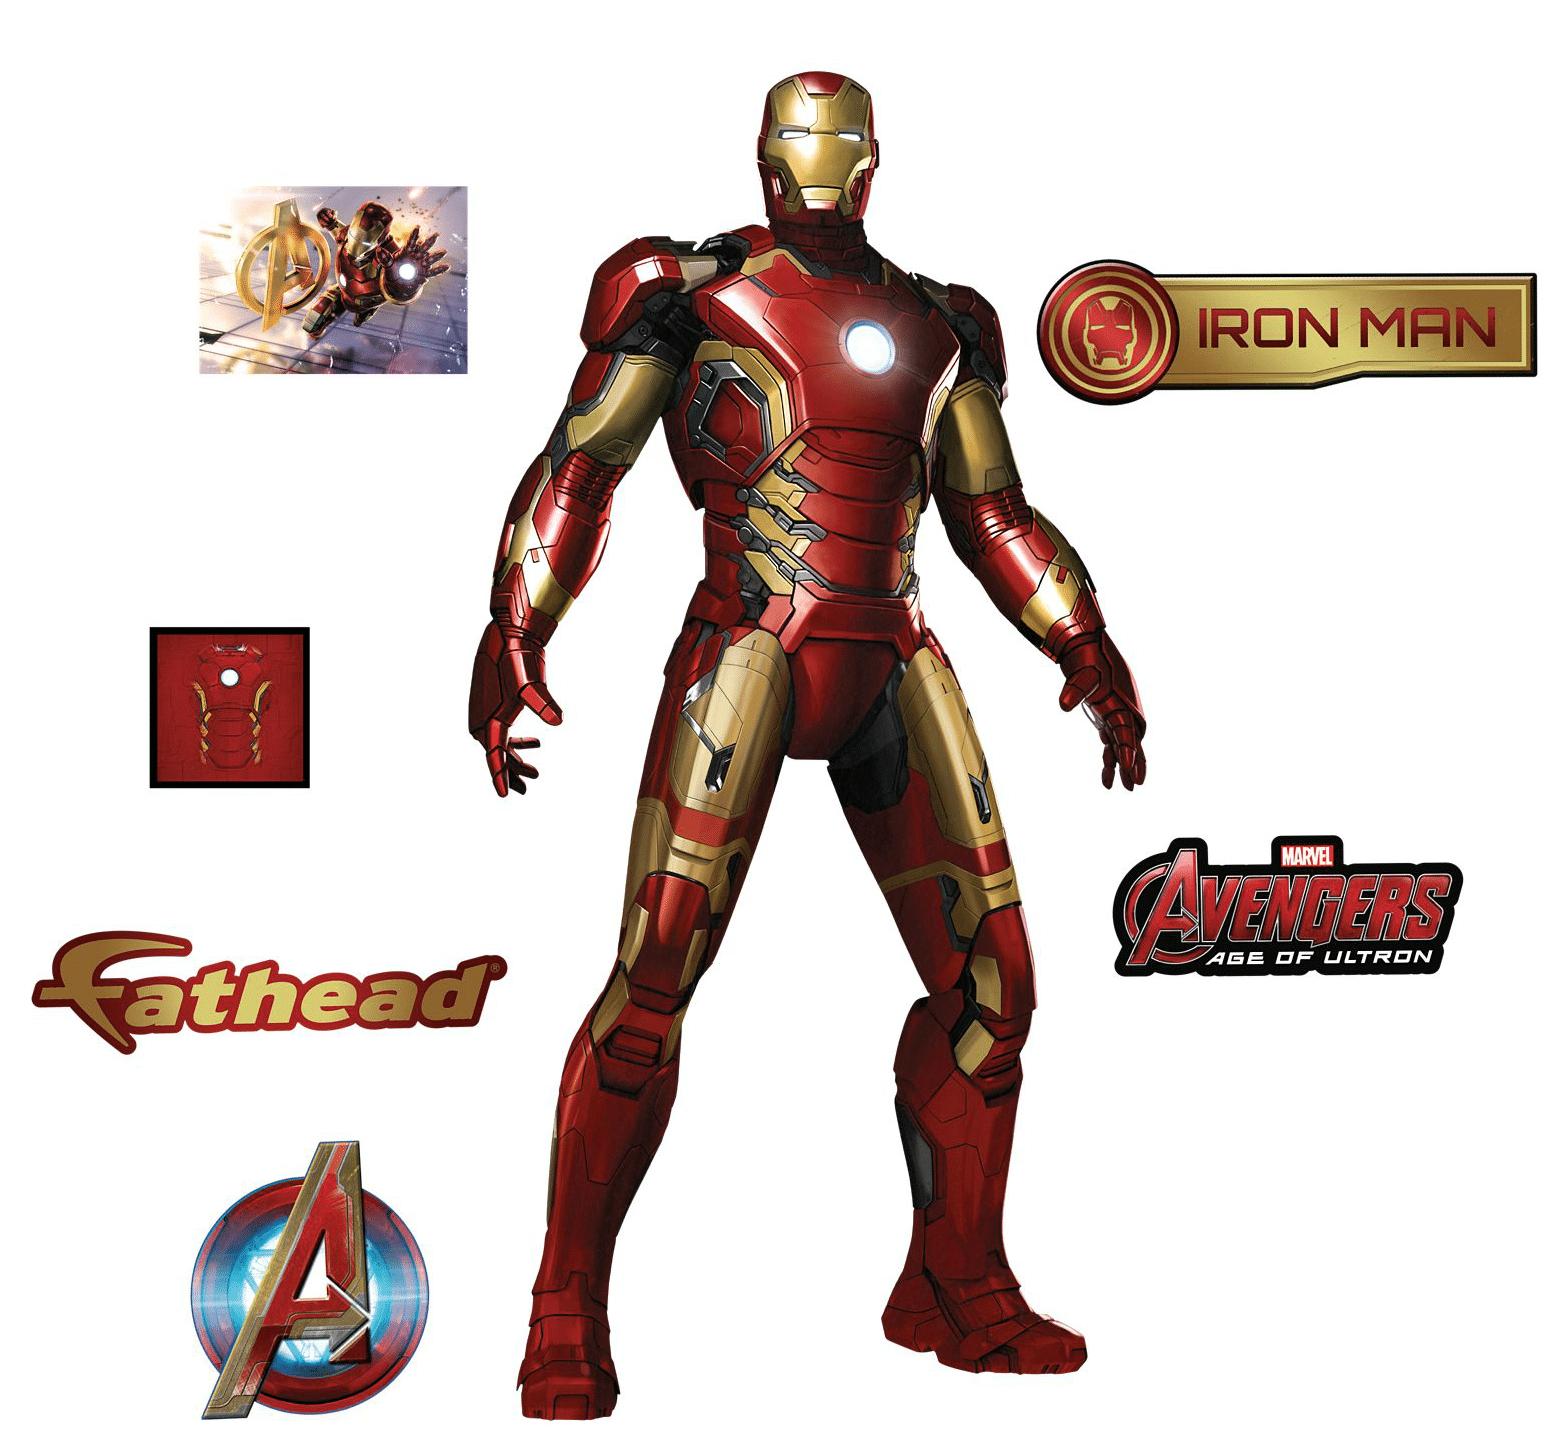 news_avengers277